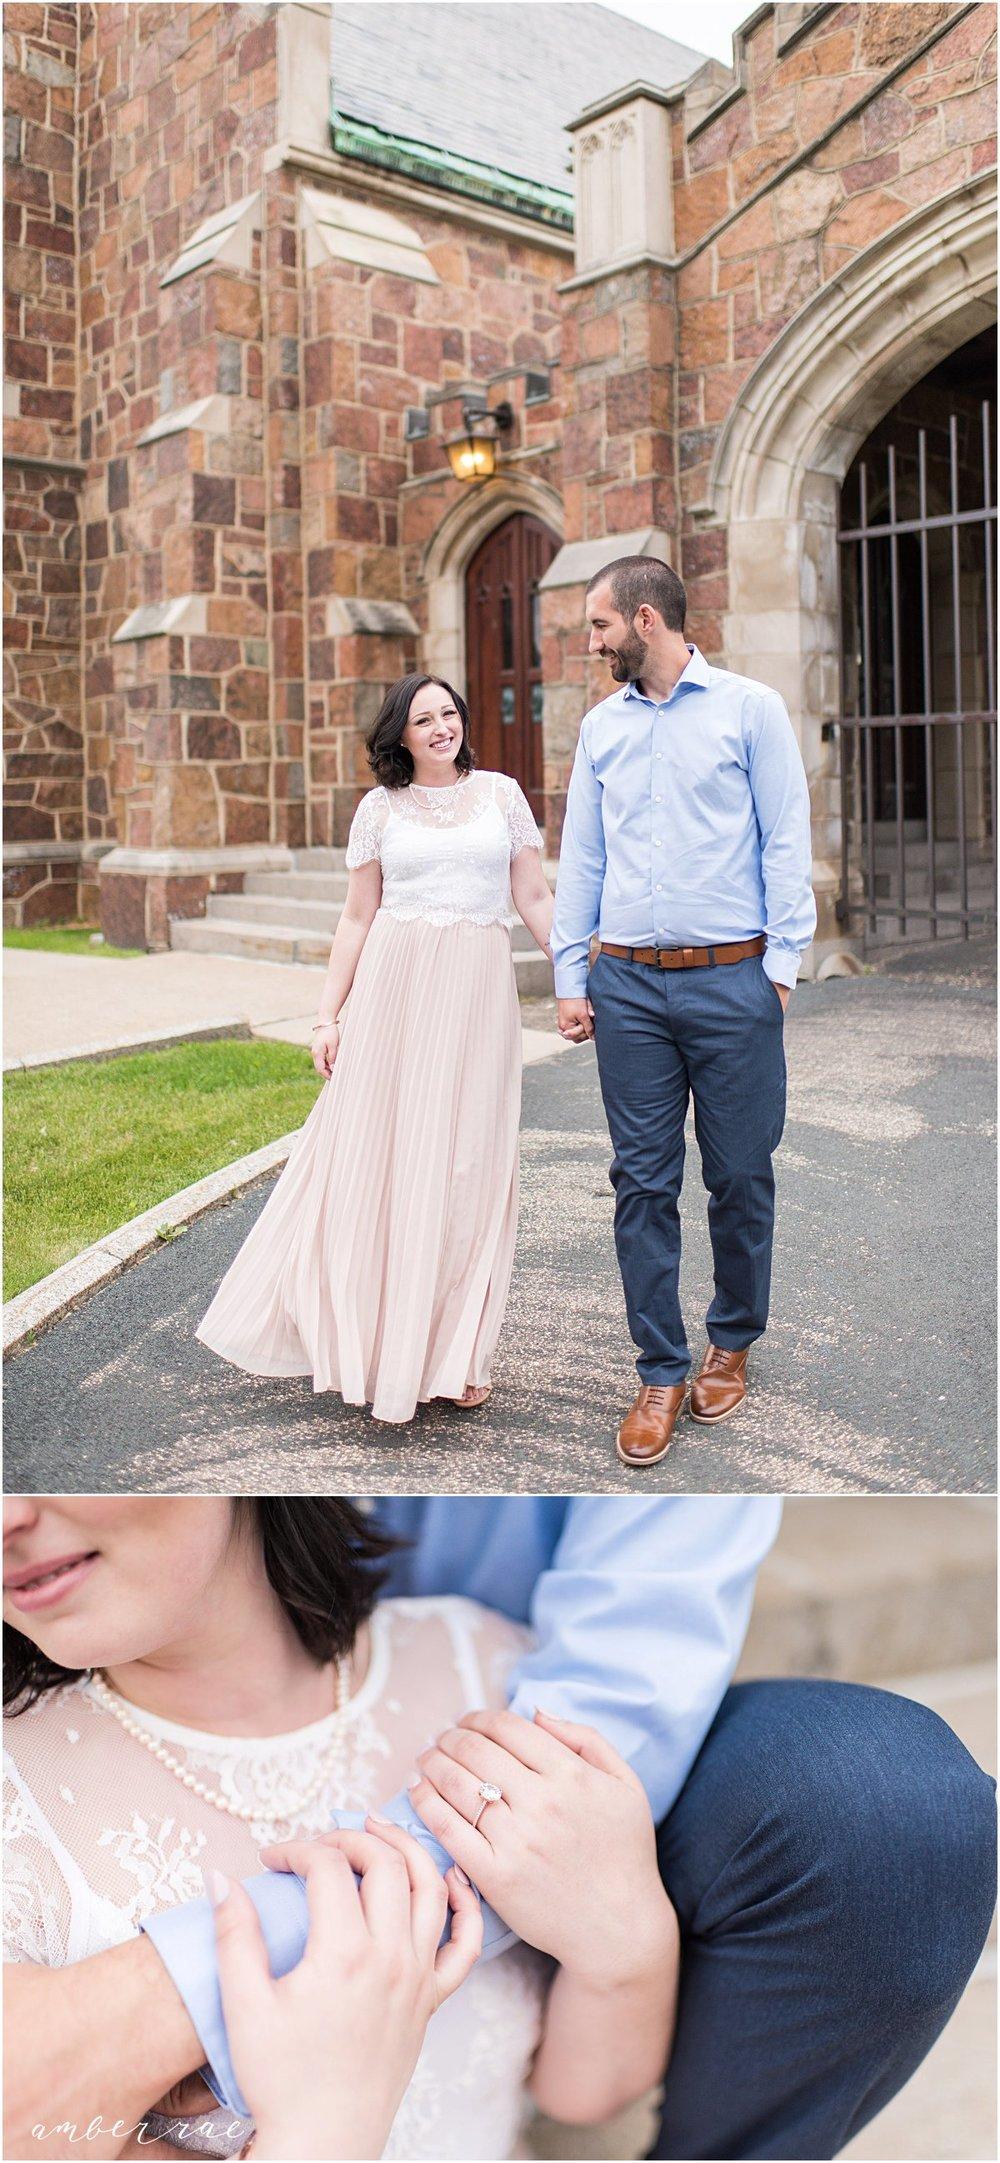 Chris + Kira, Engaged | June 2018_0001.jpg